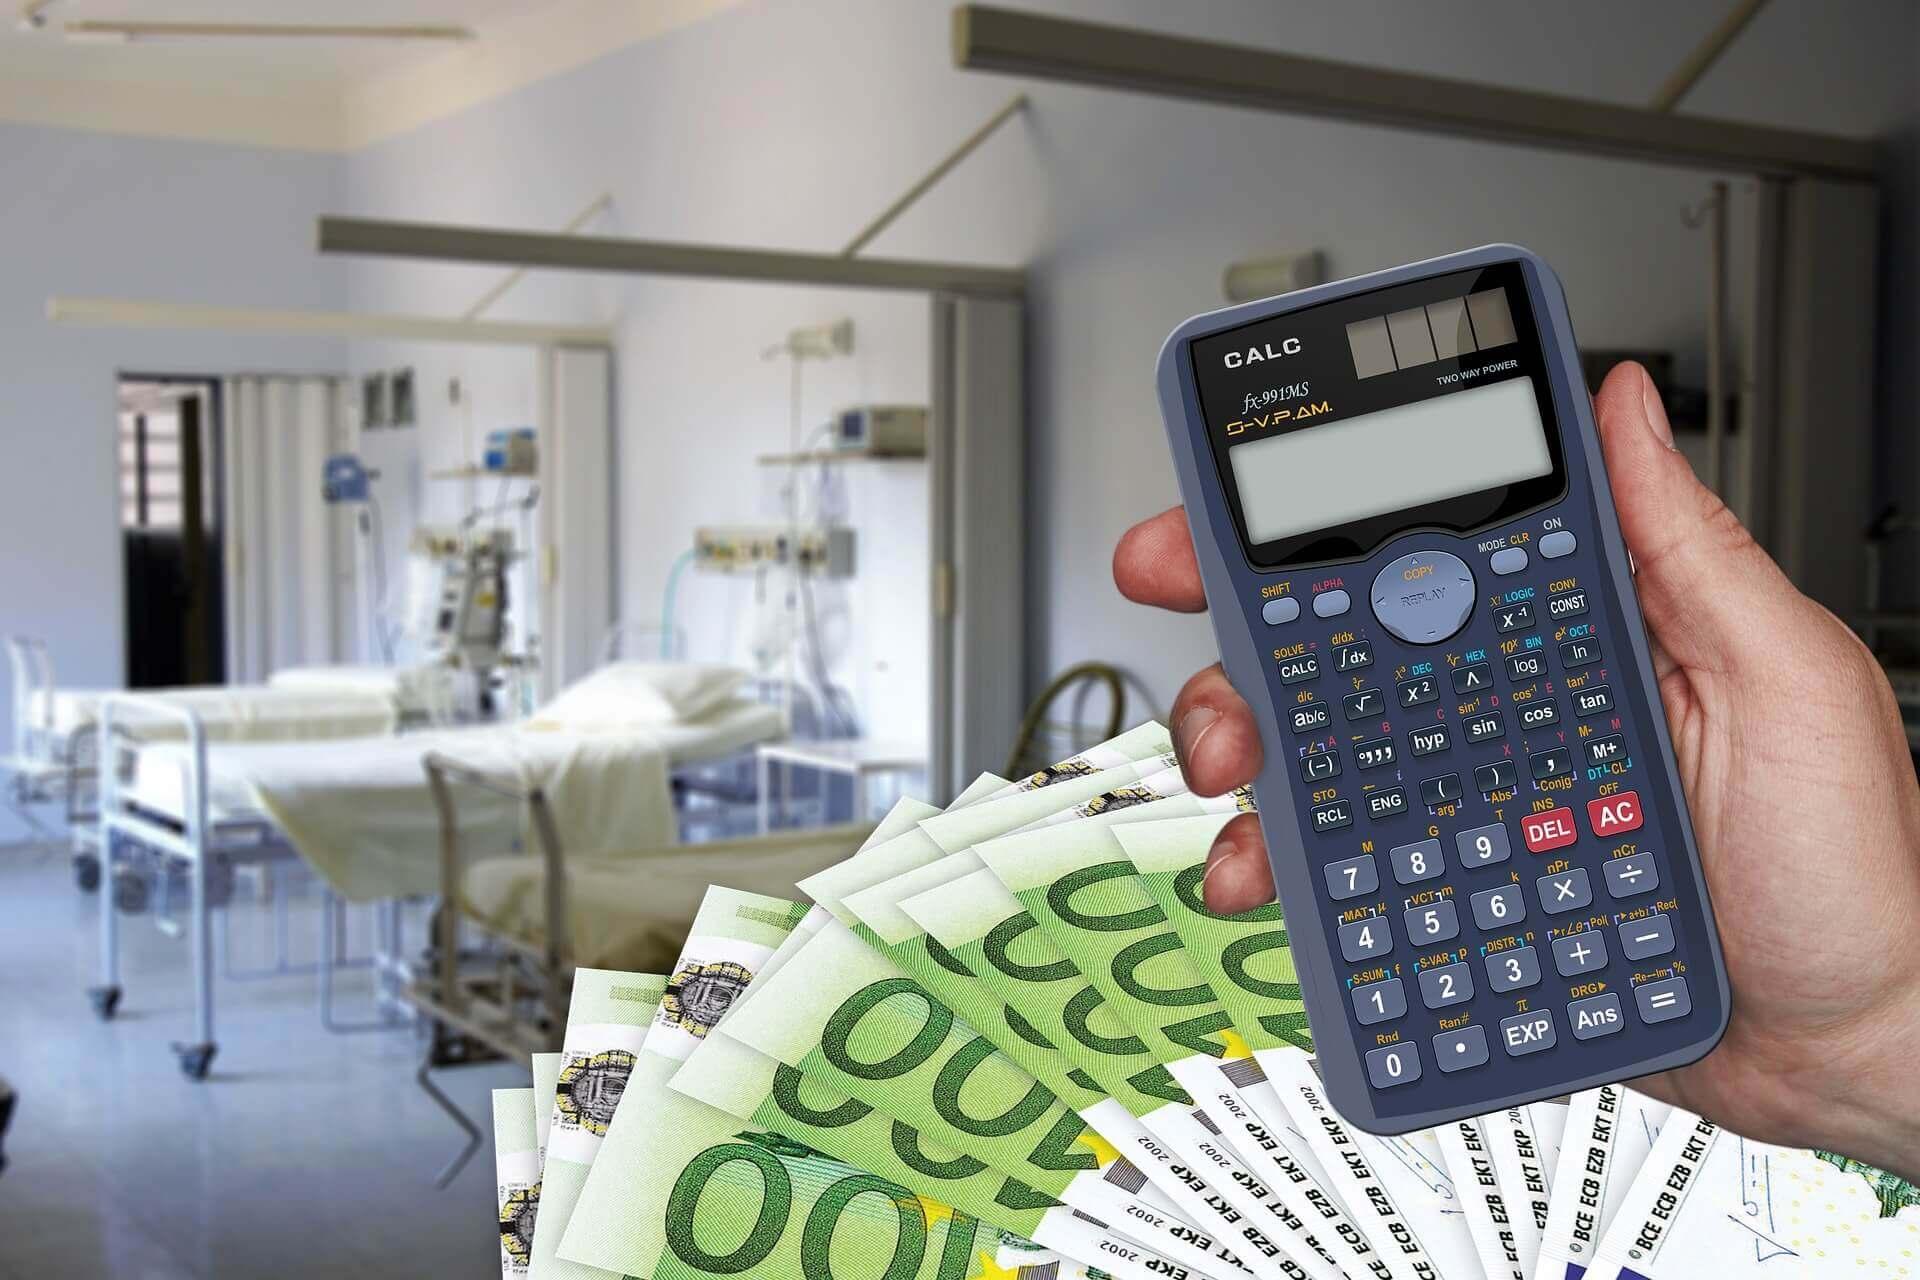 Mit dem Zuzahlungsrechner können Sie einfach ausrechnen, ab wann Sie keine Zuzahlungen mehr zu Medikamenten und Therapien machen müssen.